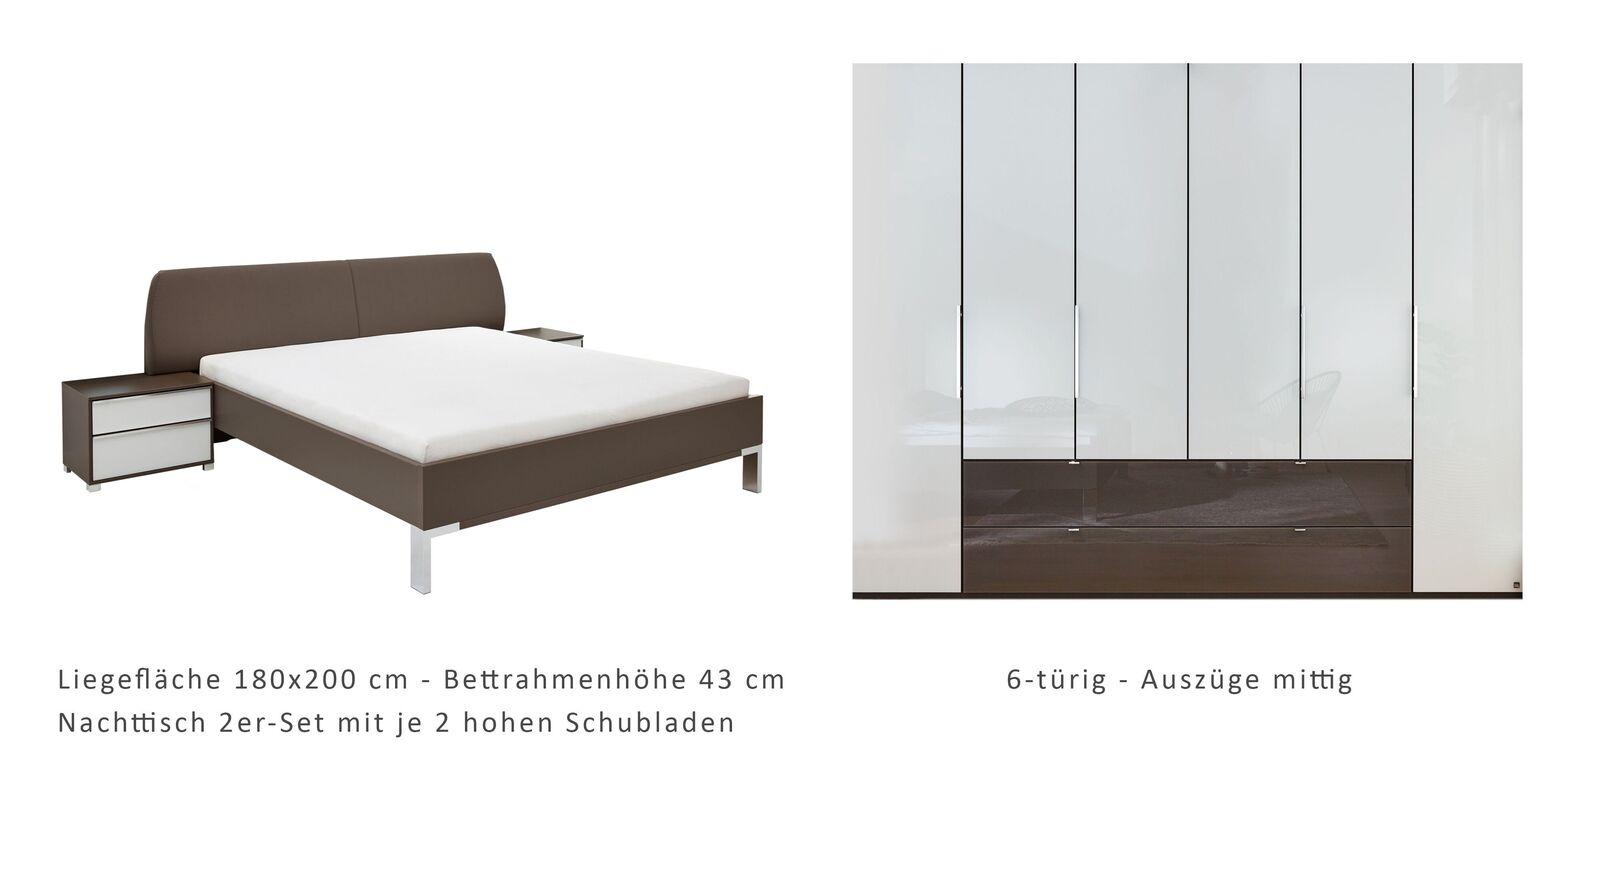 INTERLIVING Schlaftimmer 1006 Variante 01